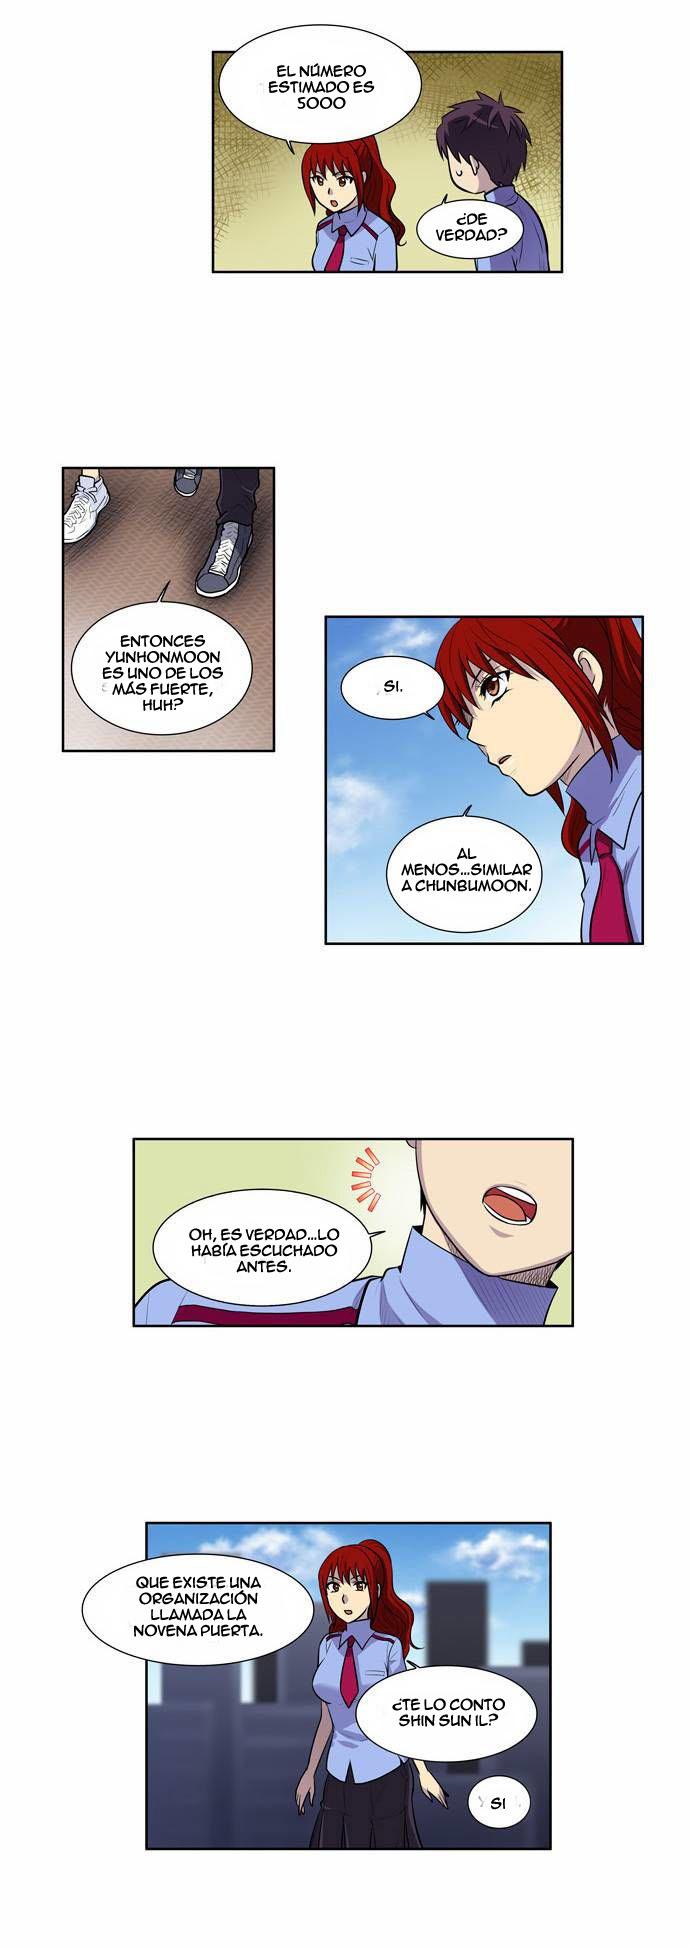 http://c5.ninemanga.com/es_manga/61/1725/414750/27bc42aaeb1540e87949a69ebeb4eb4c.jpg Page 10